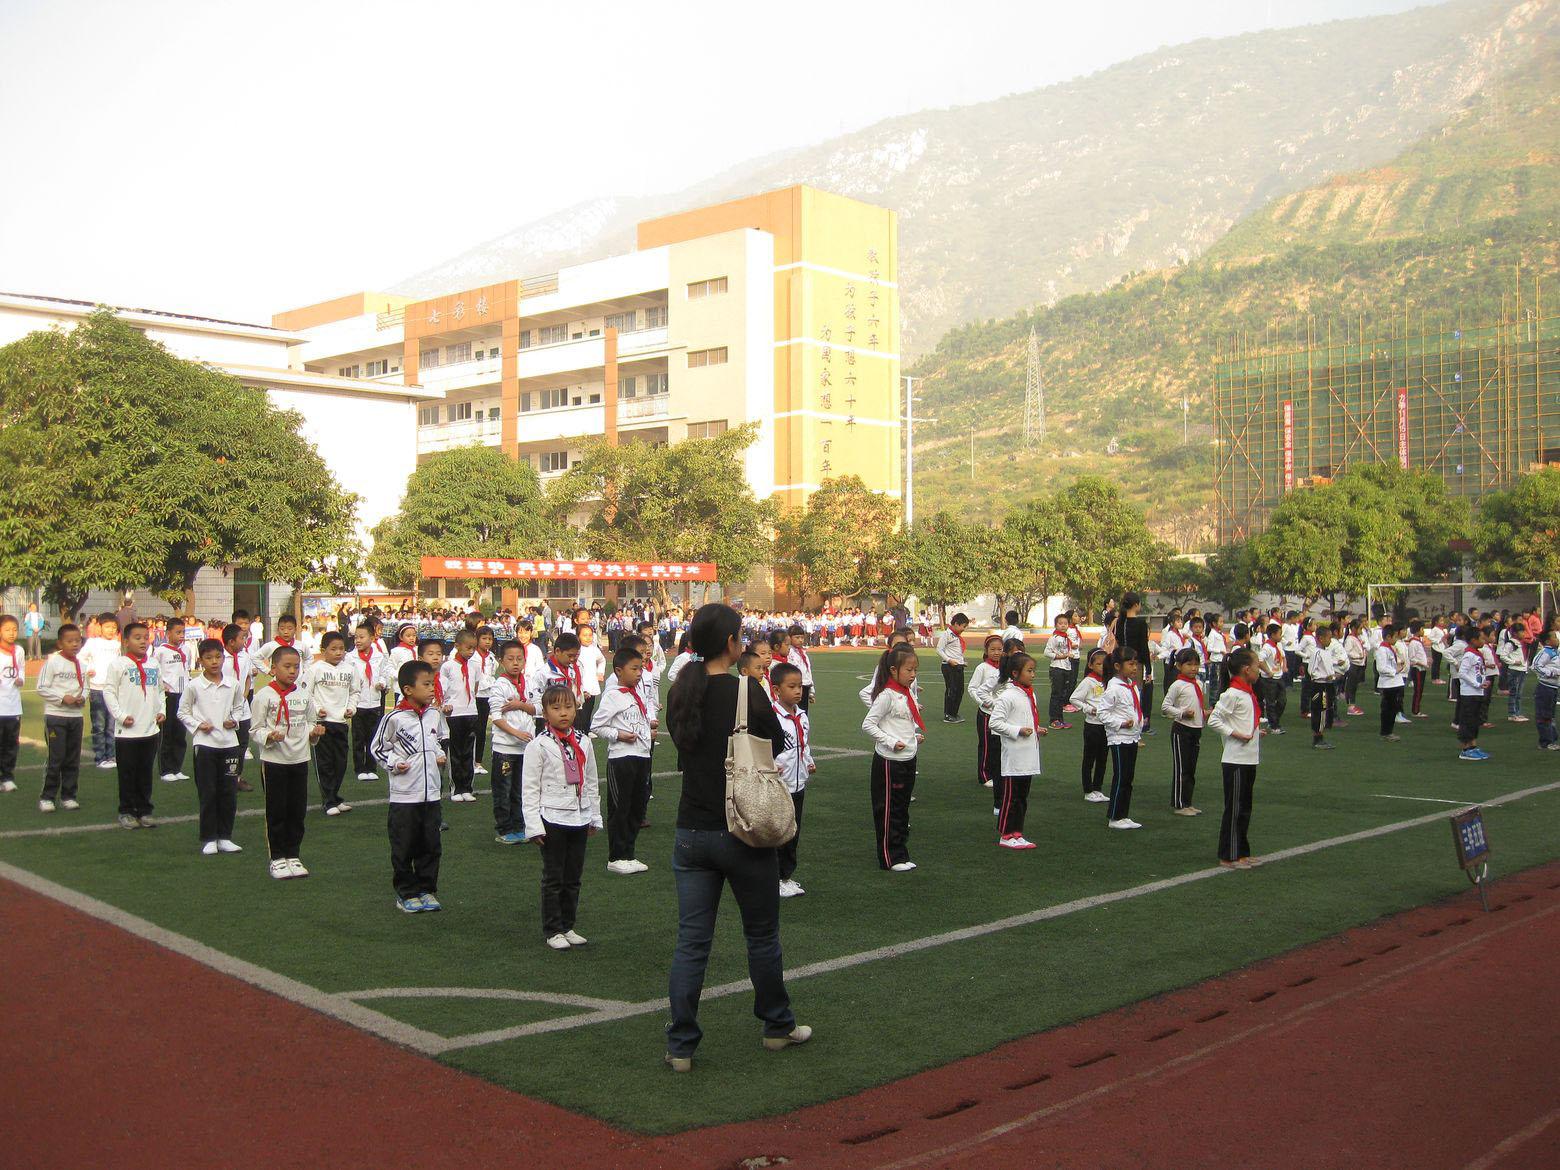 Китайские забавы «белого мистера». Фото: Богдан Мисюренко, Анна Думанская